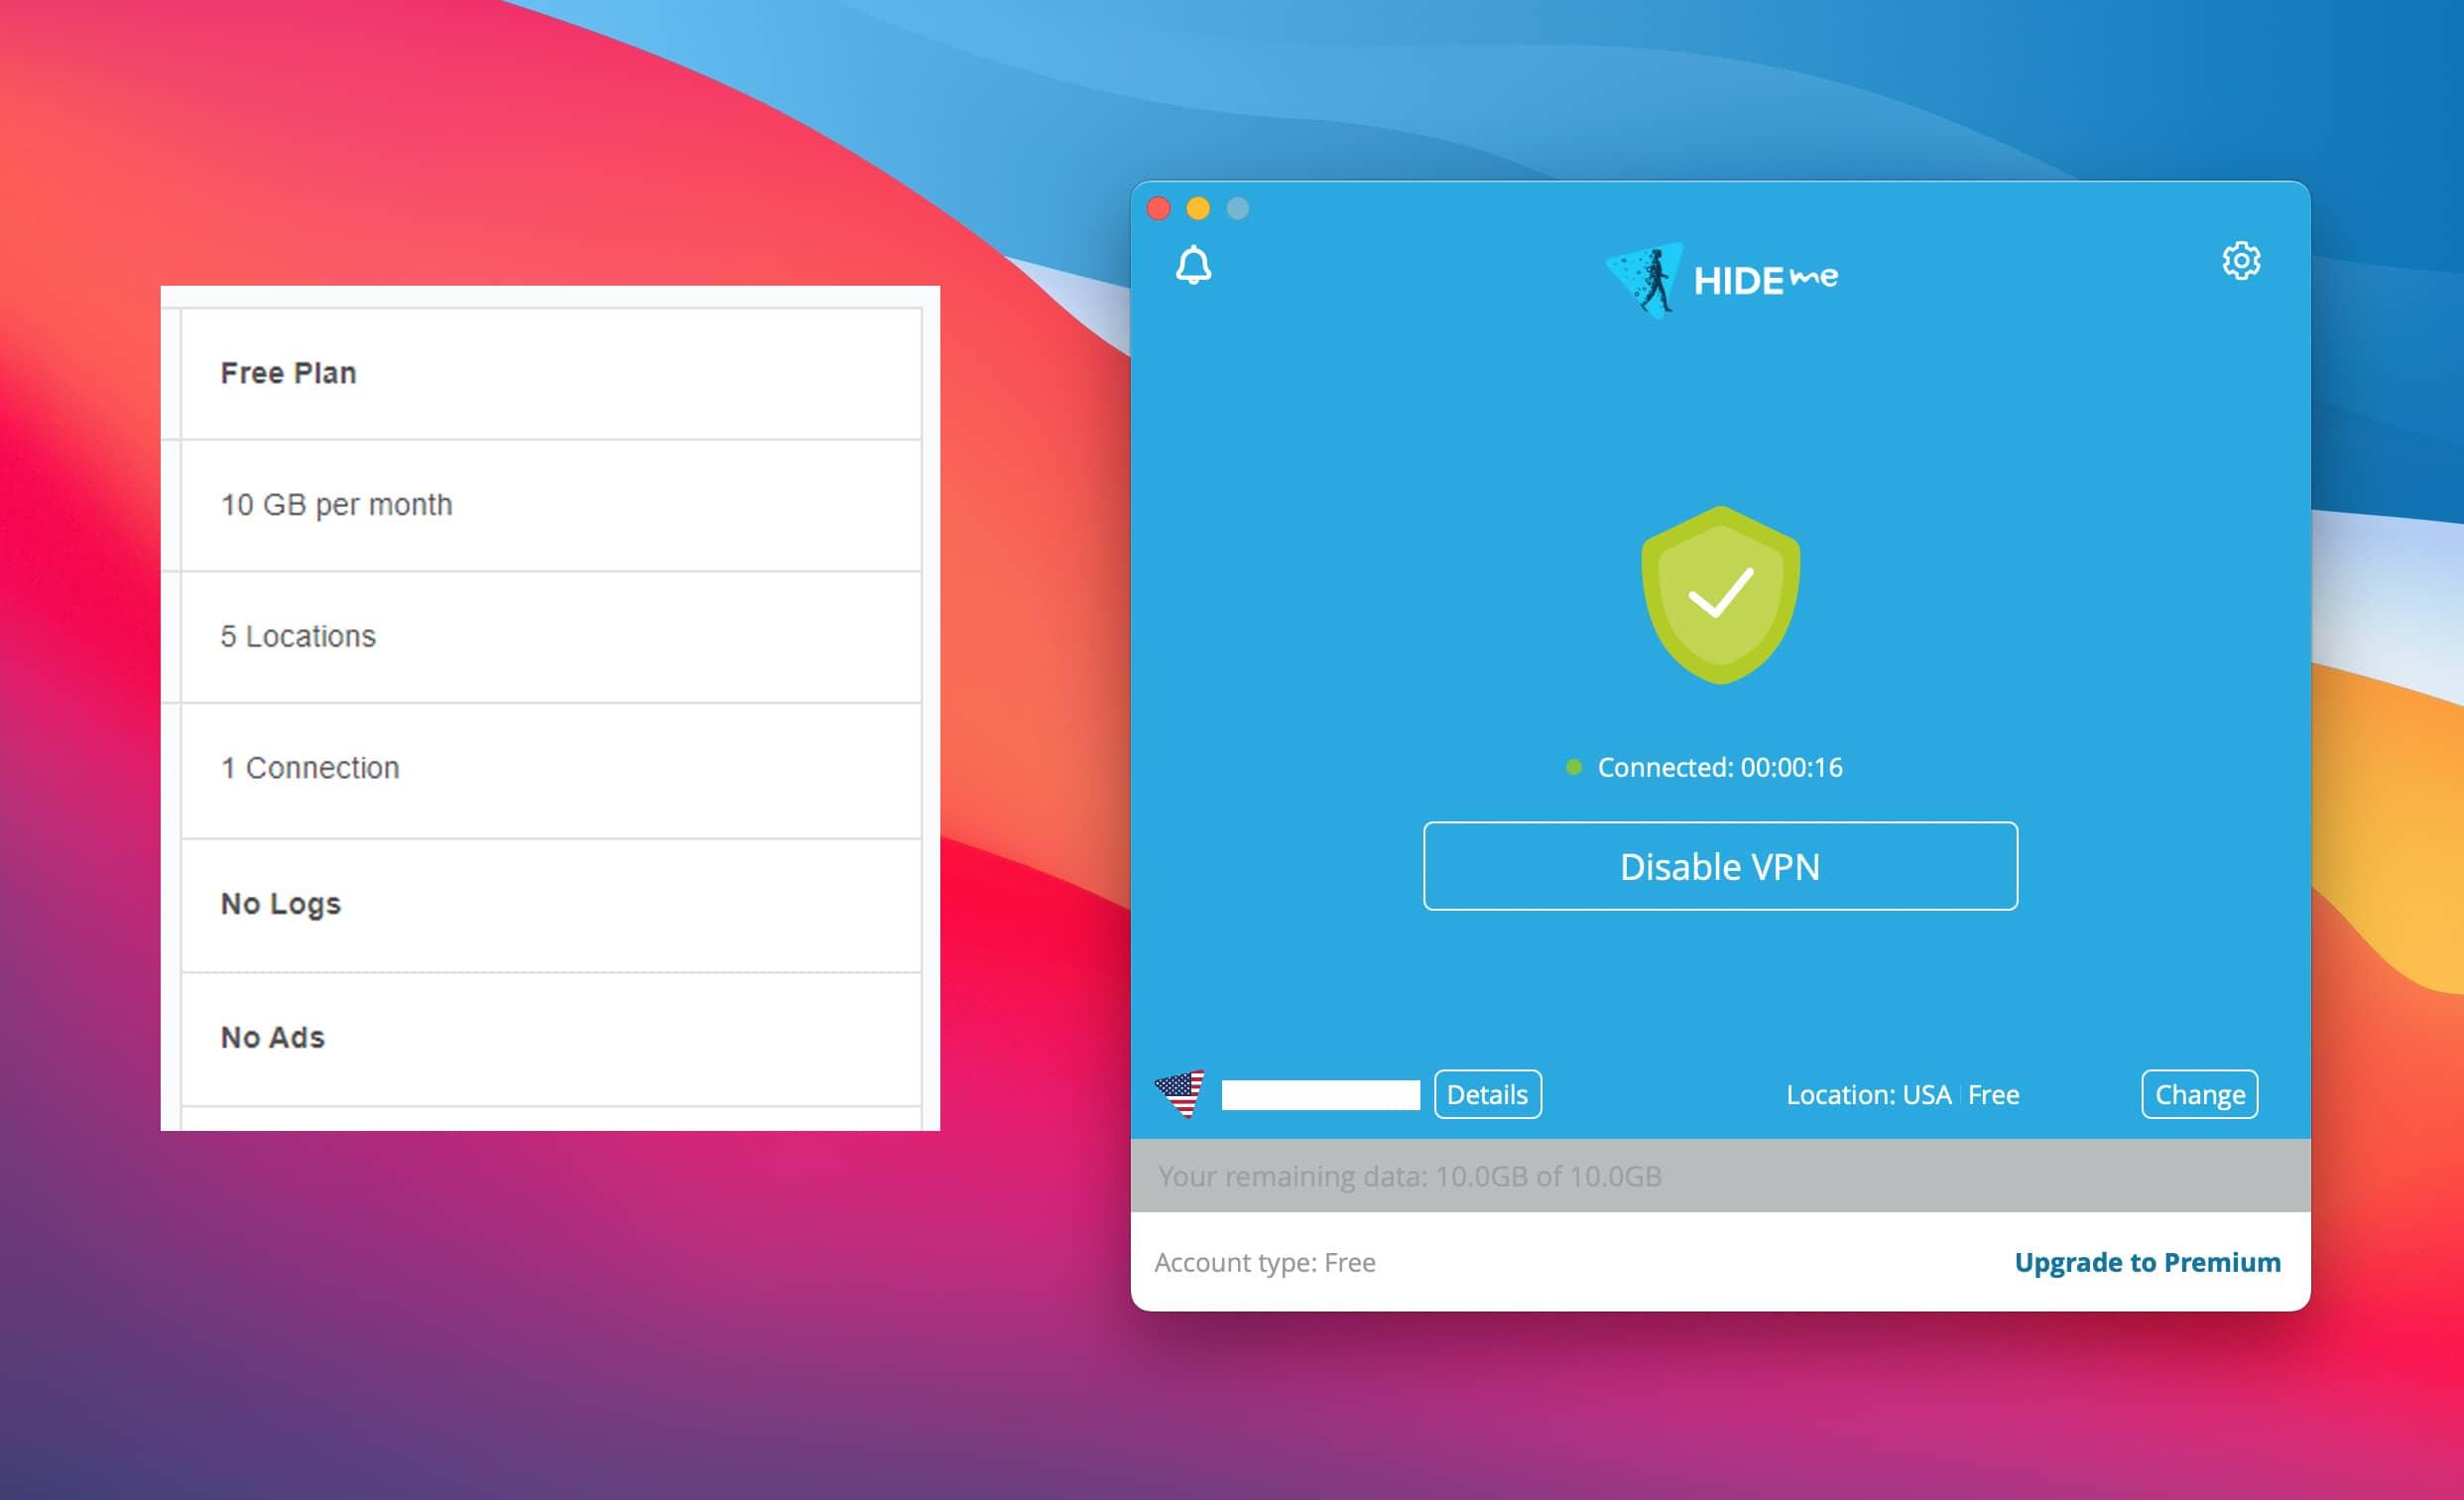 12 phần mềm VPN miễn phí cho Mac bảo đảm riêng tư cho bạn 1